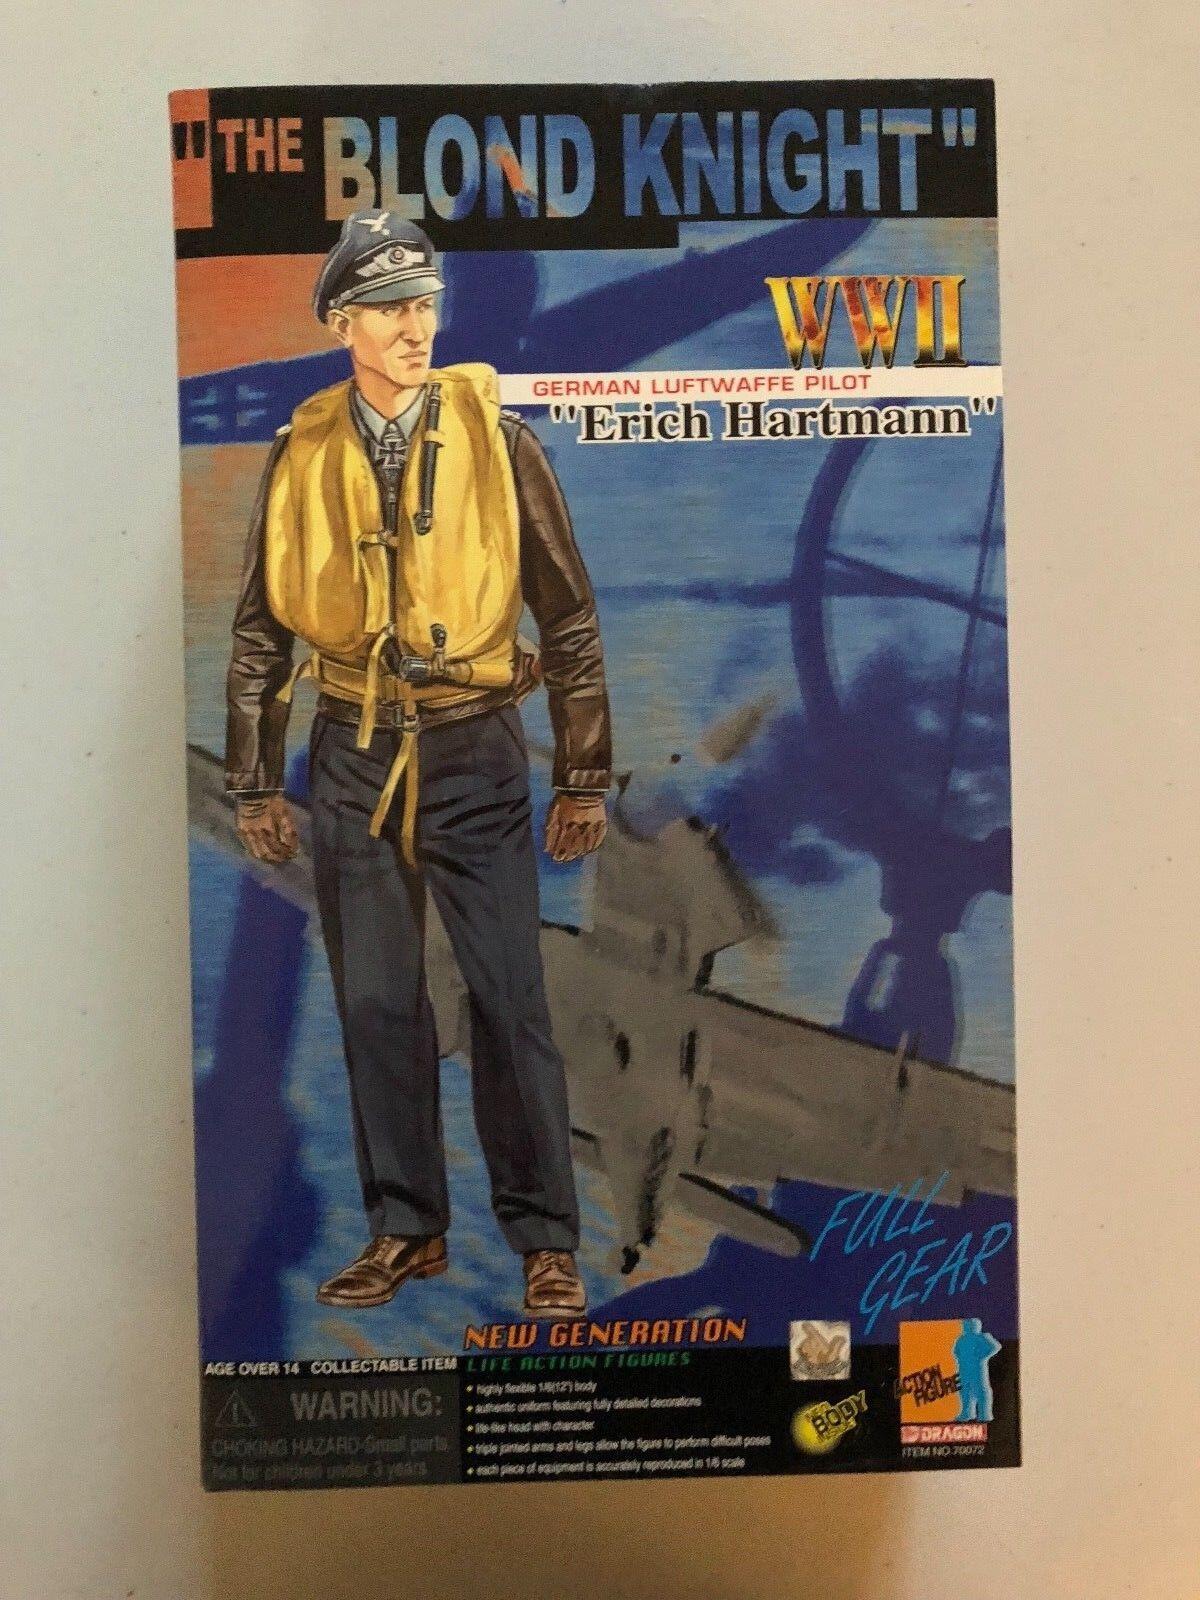 Dragón de la segunda guerra mundial 1 6 'El Rubio Knight' Alemán Luftwaffe piloto  Erich Hartmann